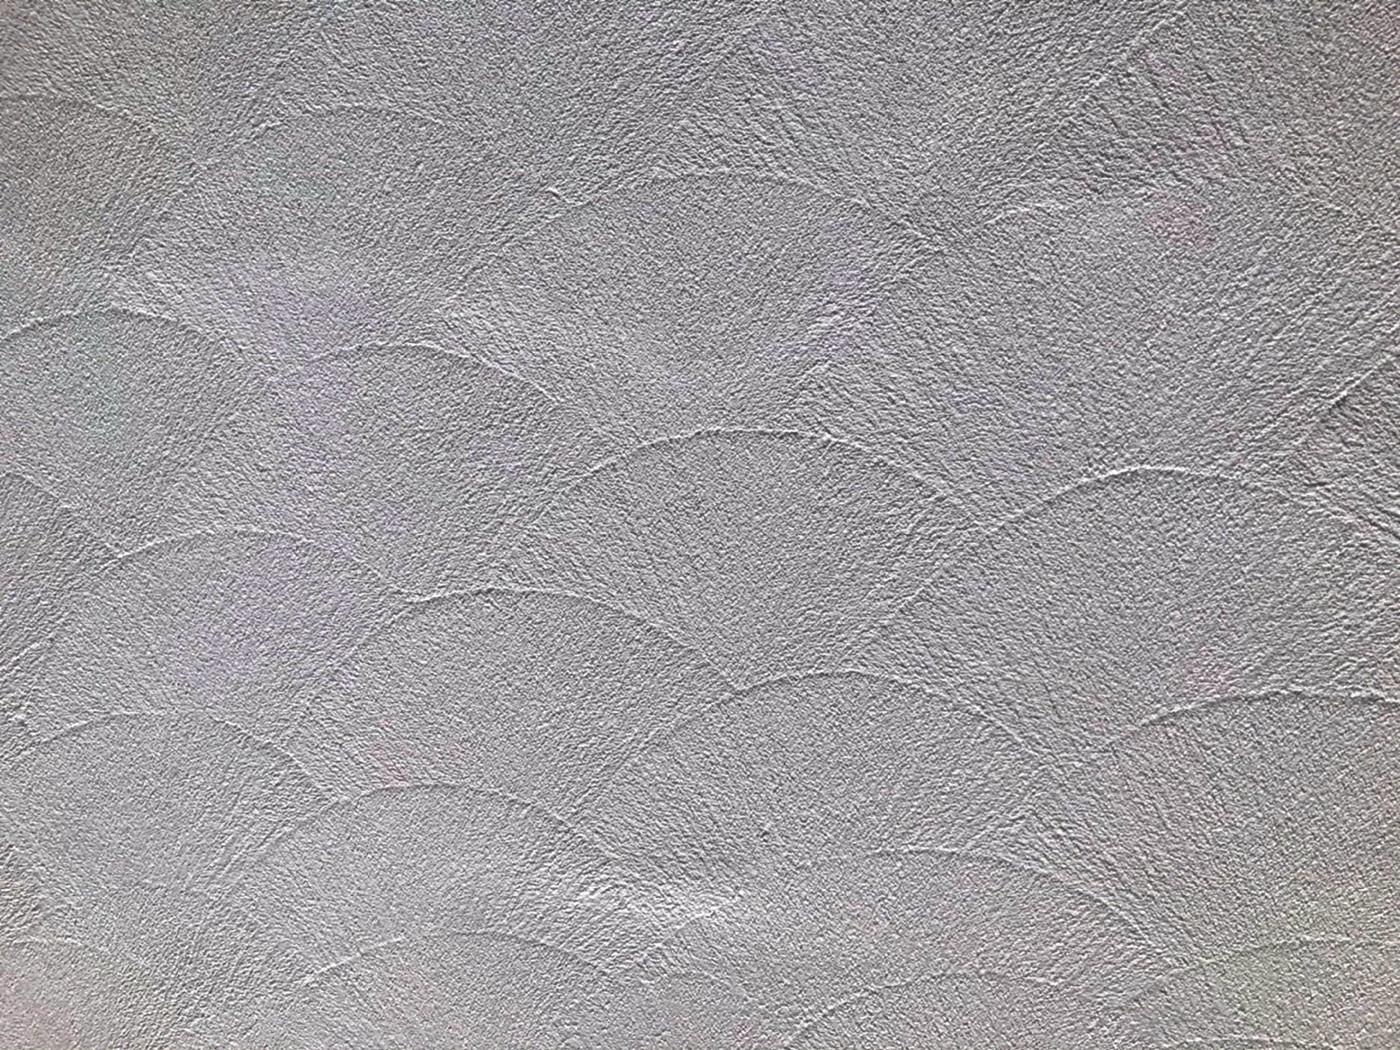 静岡県 K.T.U グランドアートウォール施工イメージ2917_05